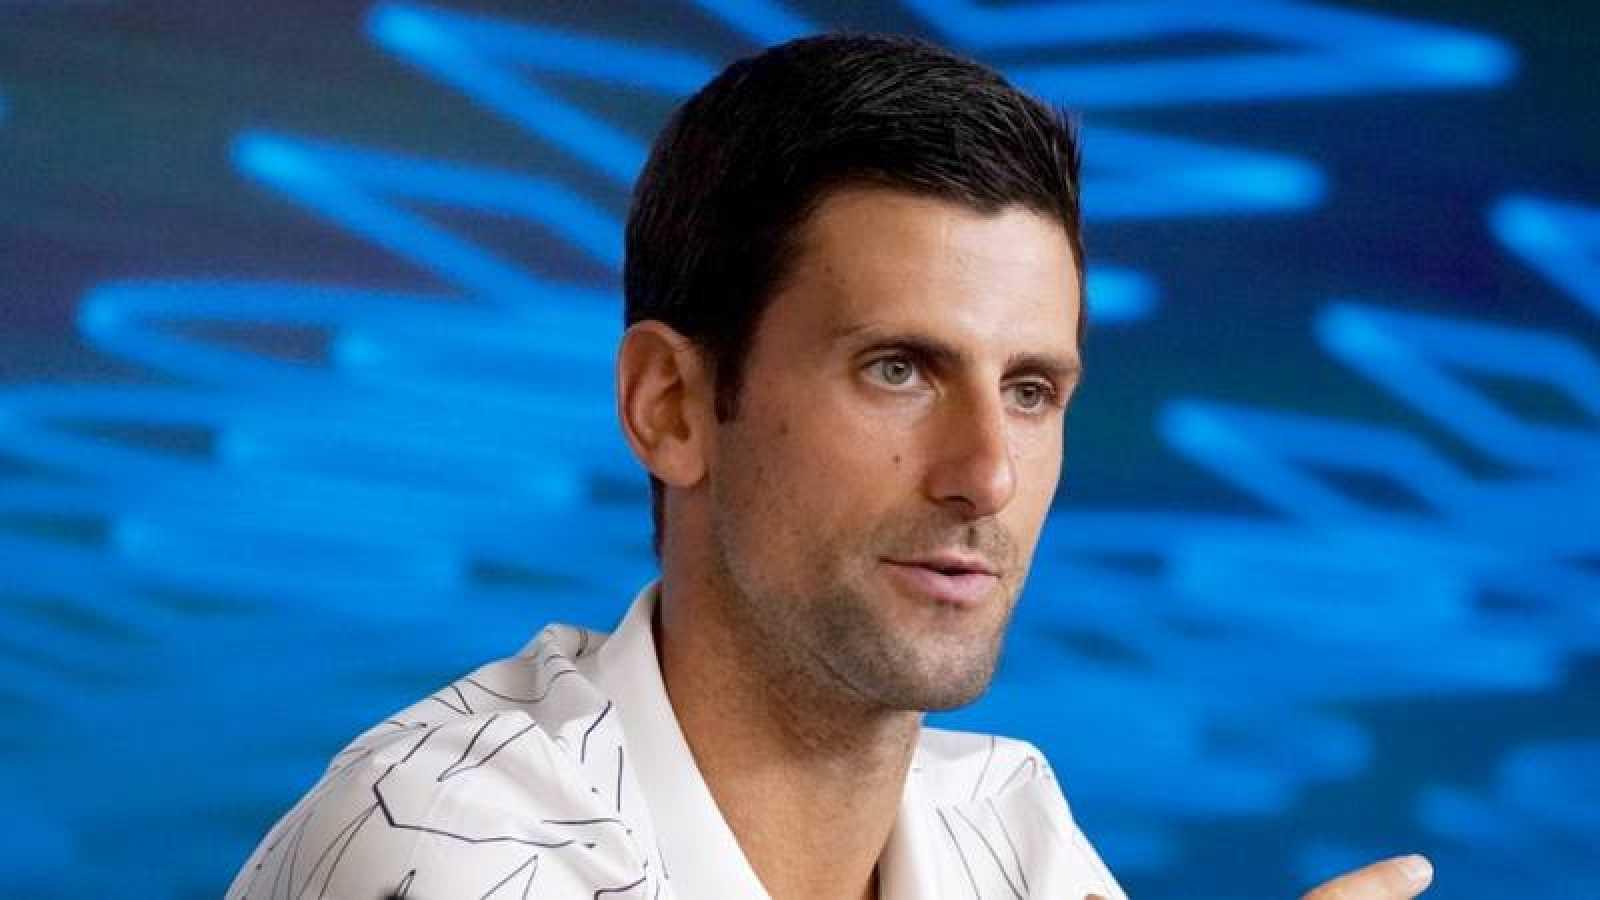 El tenista serbio Novak Djokovic, durante el pasado Abierto de Australia.